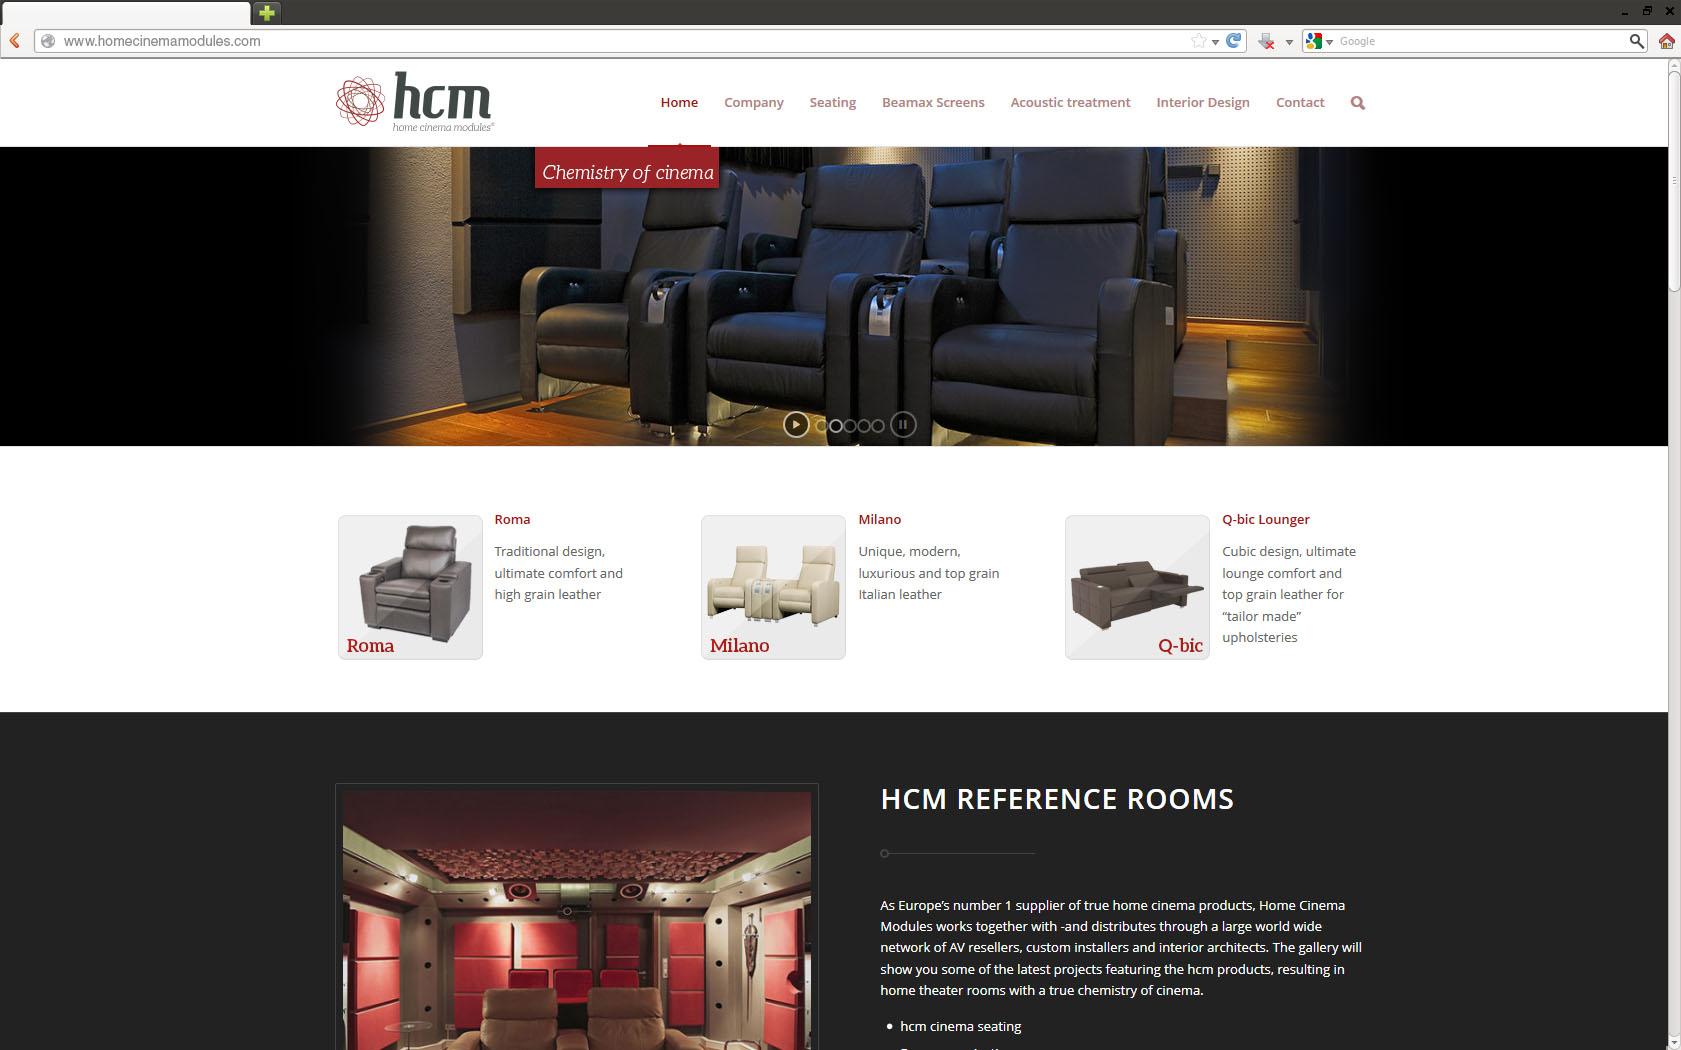 homecinemamodules.com | Henk Raam